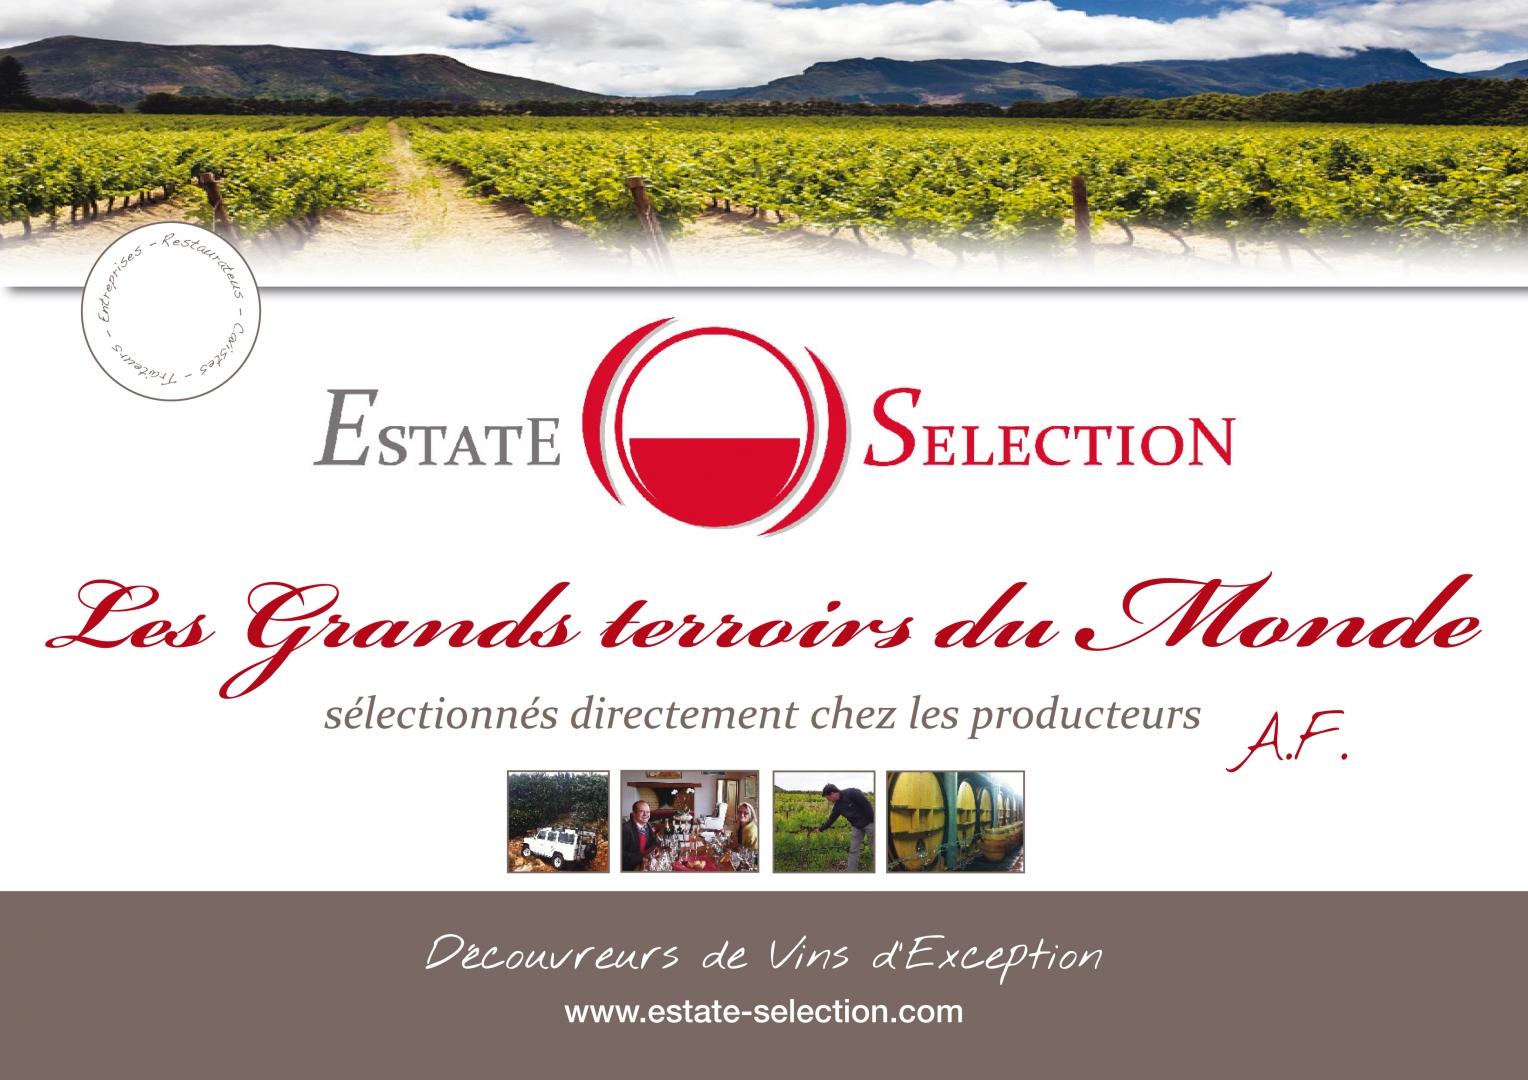 plaquette 2015 Grands Vins-du-Monde